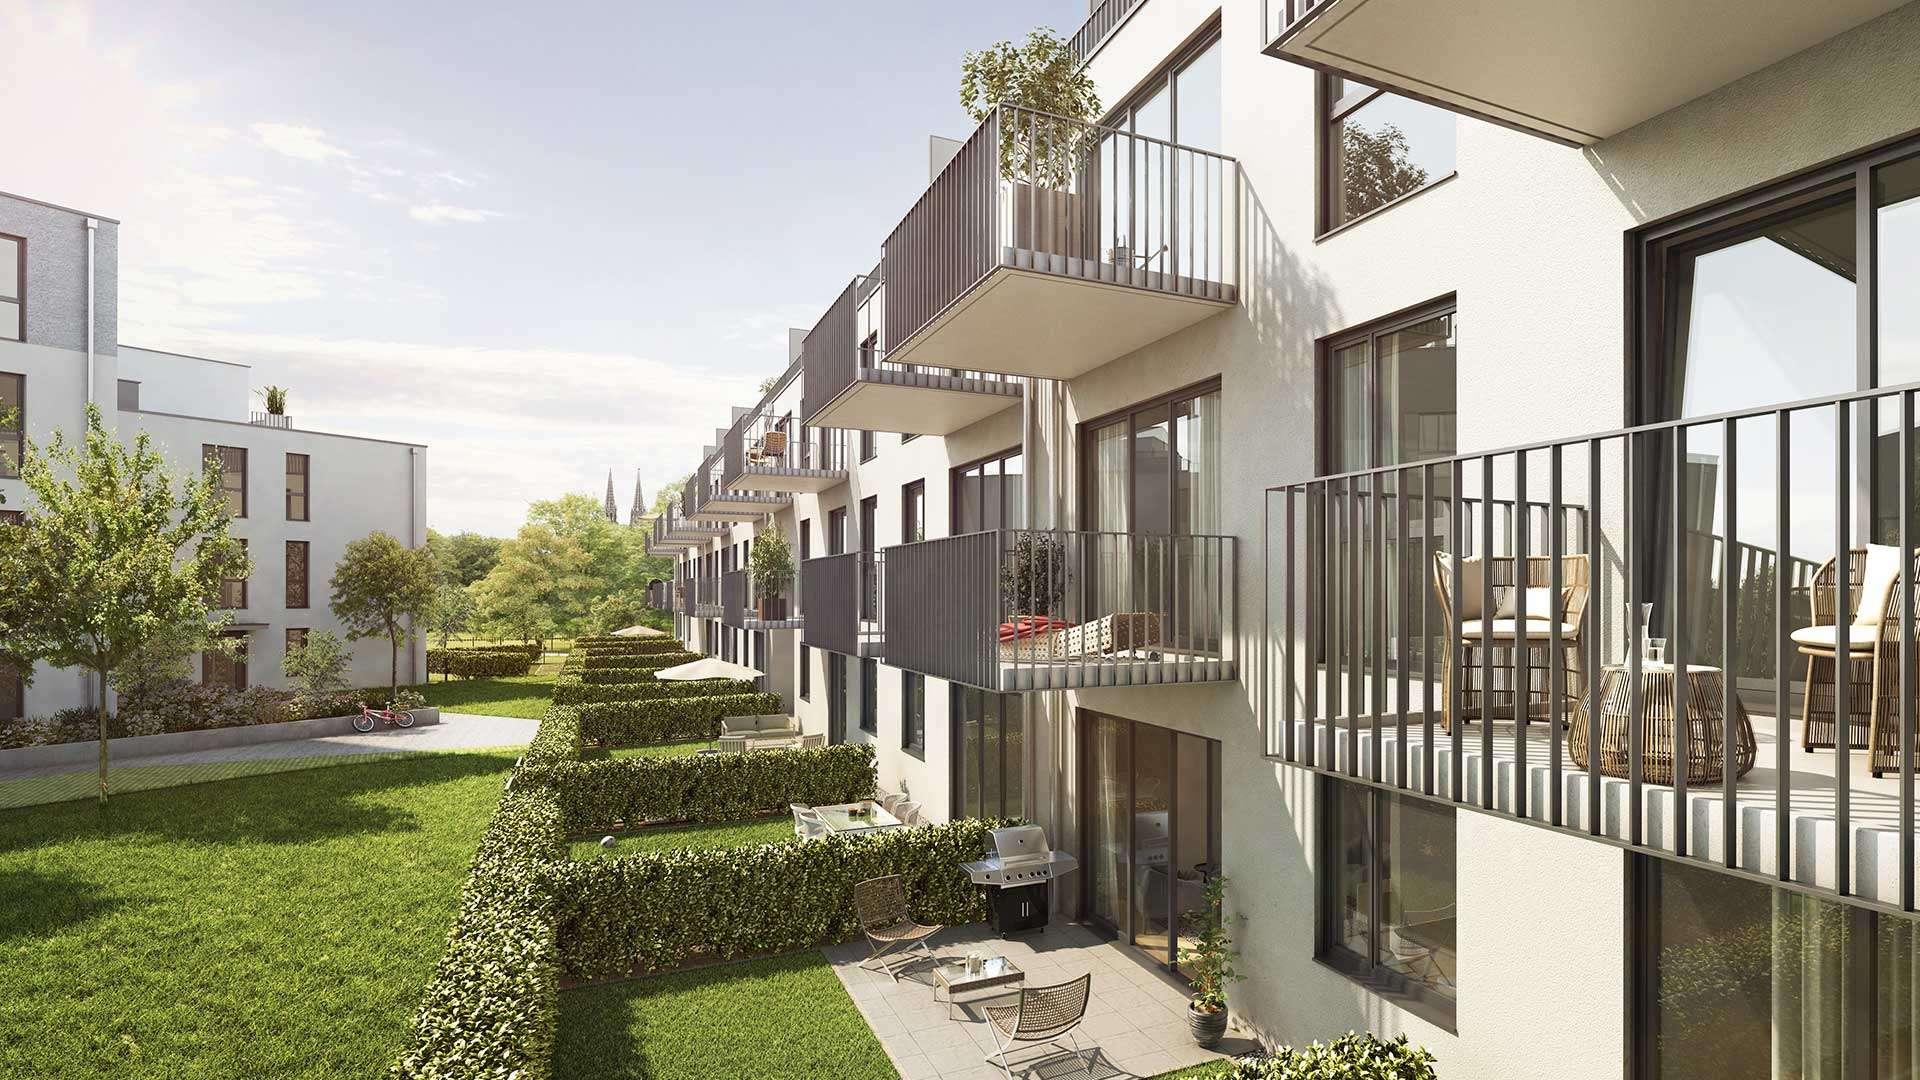 Hochwertige 2-Zimmer-Wohnung mit Südbalkon und Einbauküche - ERSTBEZUG - in